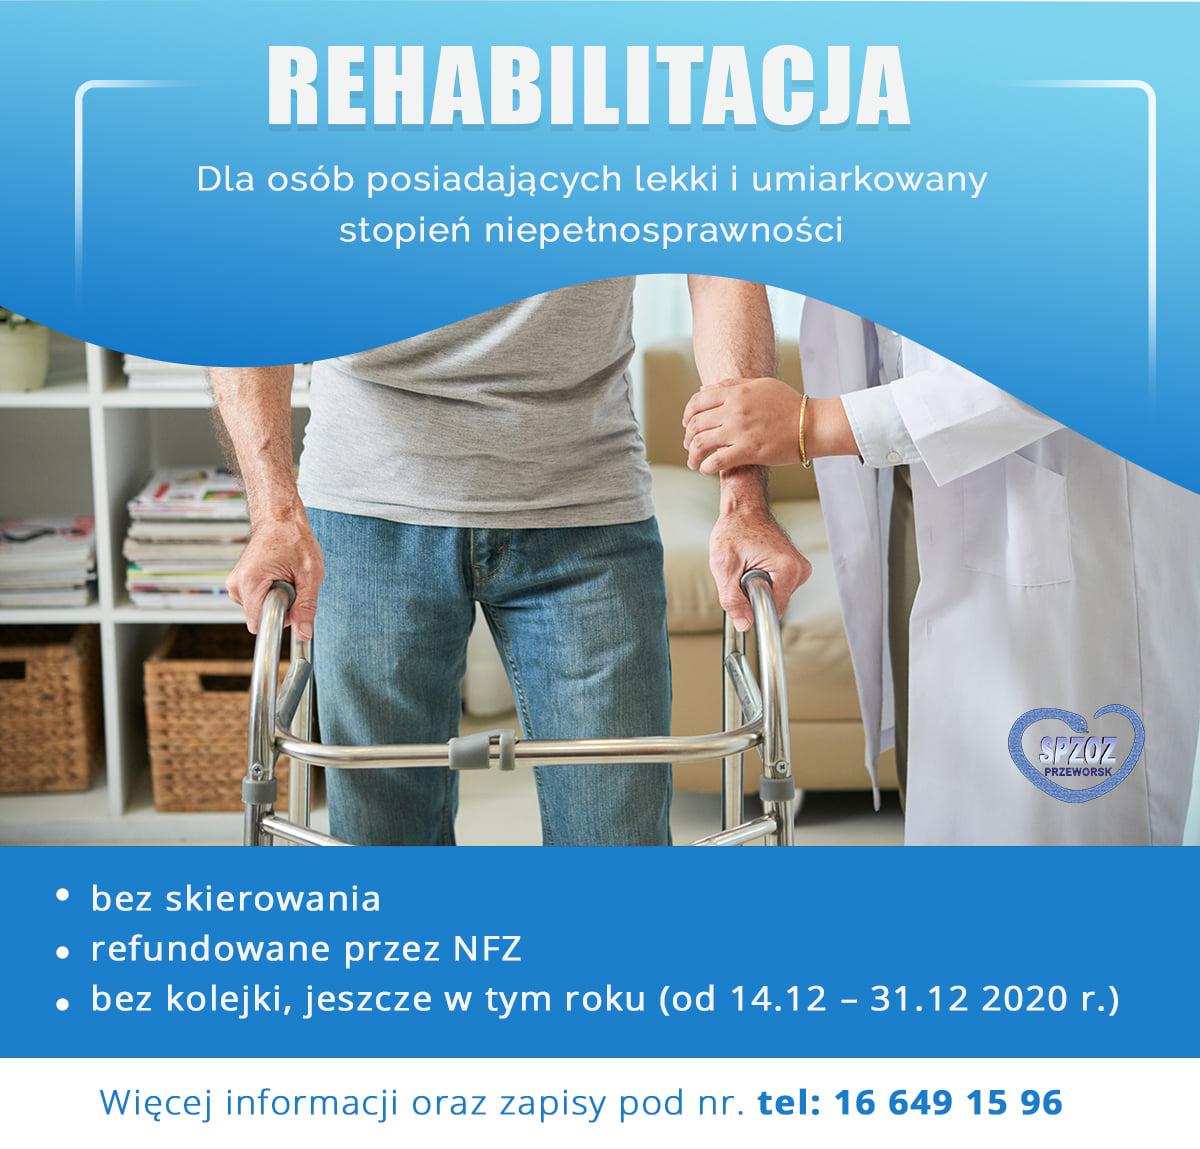 Rehabilitacja dla osób posiadających lekki i umiarkowany stopień niepełnosprawności